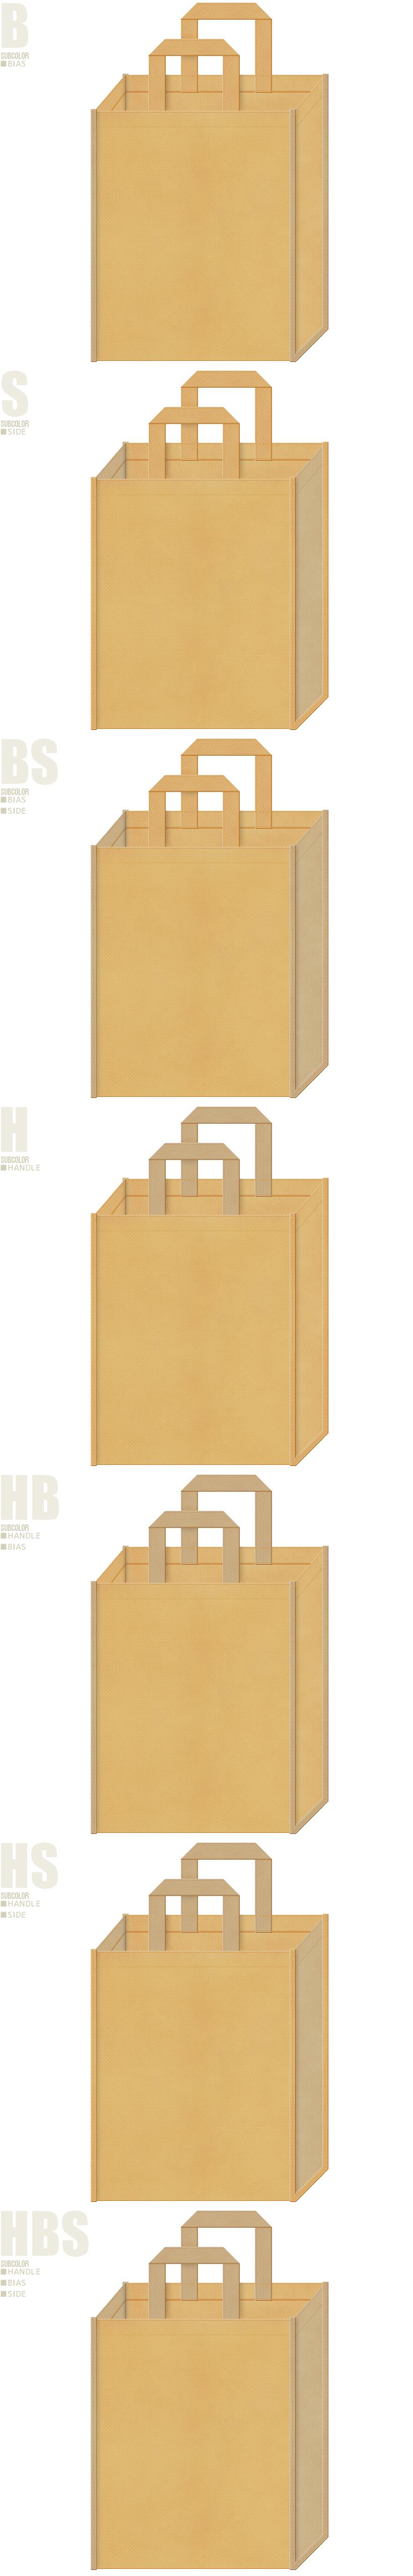 小鹿・子犬・ぬいぐるみ・毛糸・手芸・板の間・檜風呂・木工・工作教室・DIYにお奨めの不織布バッグデザイン:薄黄土色とカーキ色の配色7パターン